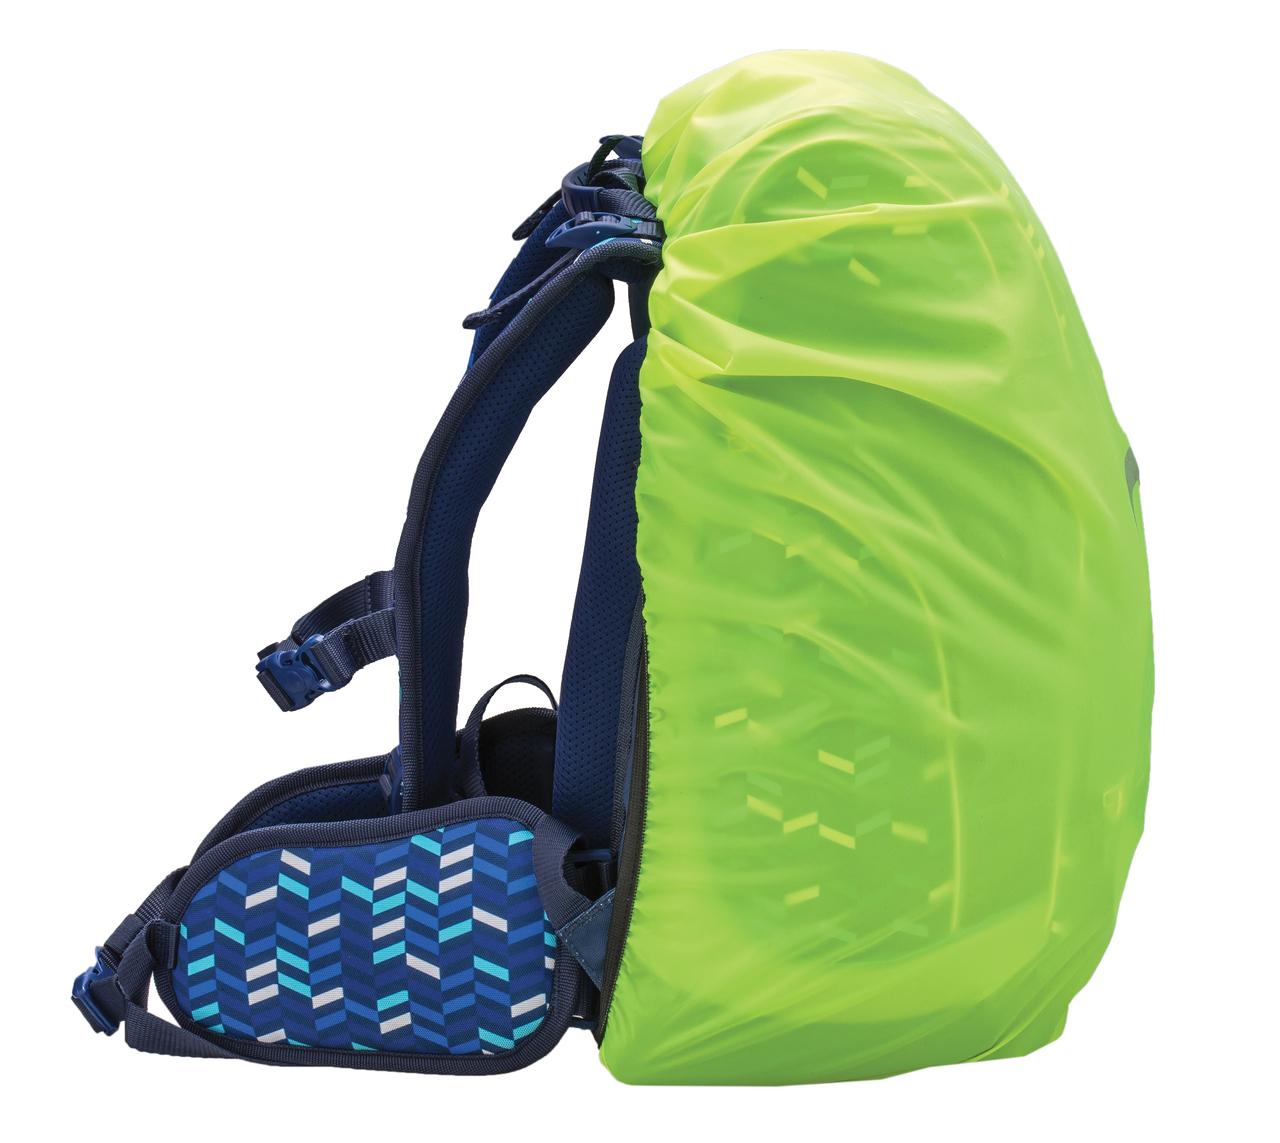 Ранец-рюкзак Belmil Comfy Pack 405-11/687 цвет Blue Mix + дождевик, - фото 12